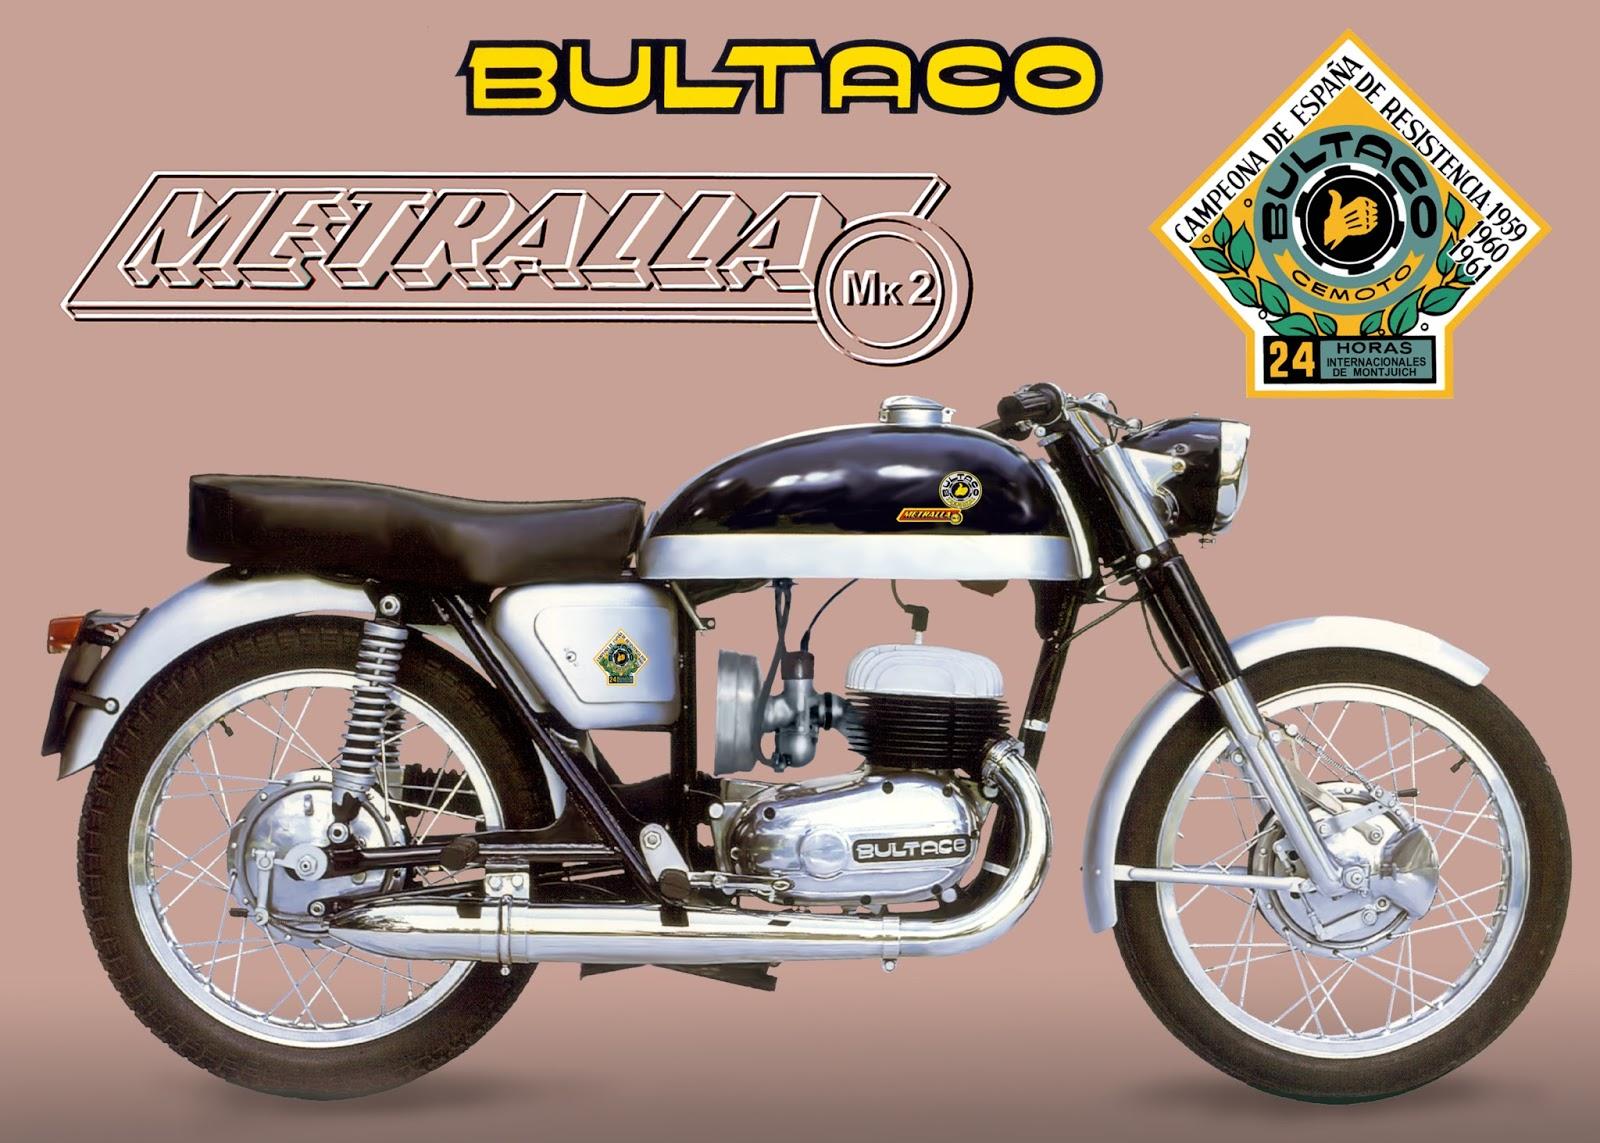 Te Gustaban Las Motos Españolas De Los 60 Y 70 El Blog De Fotos